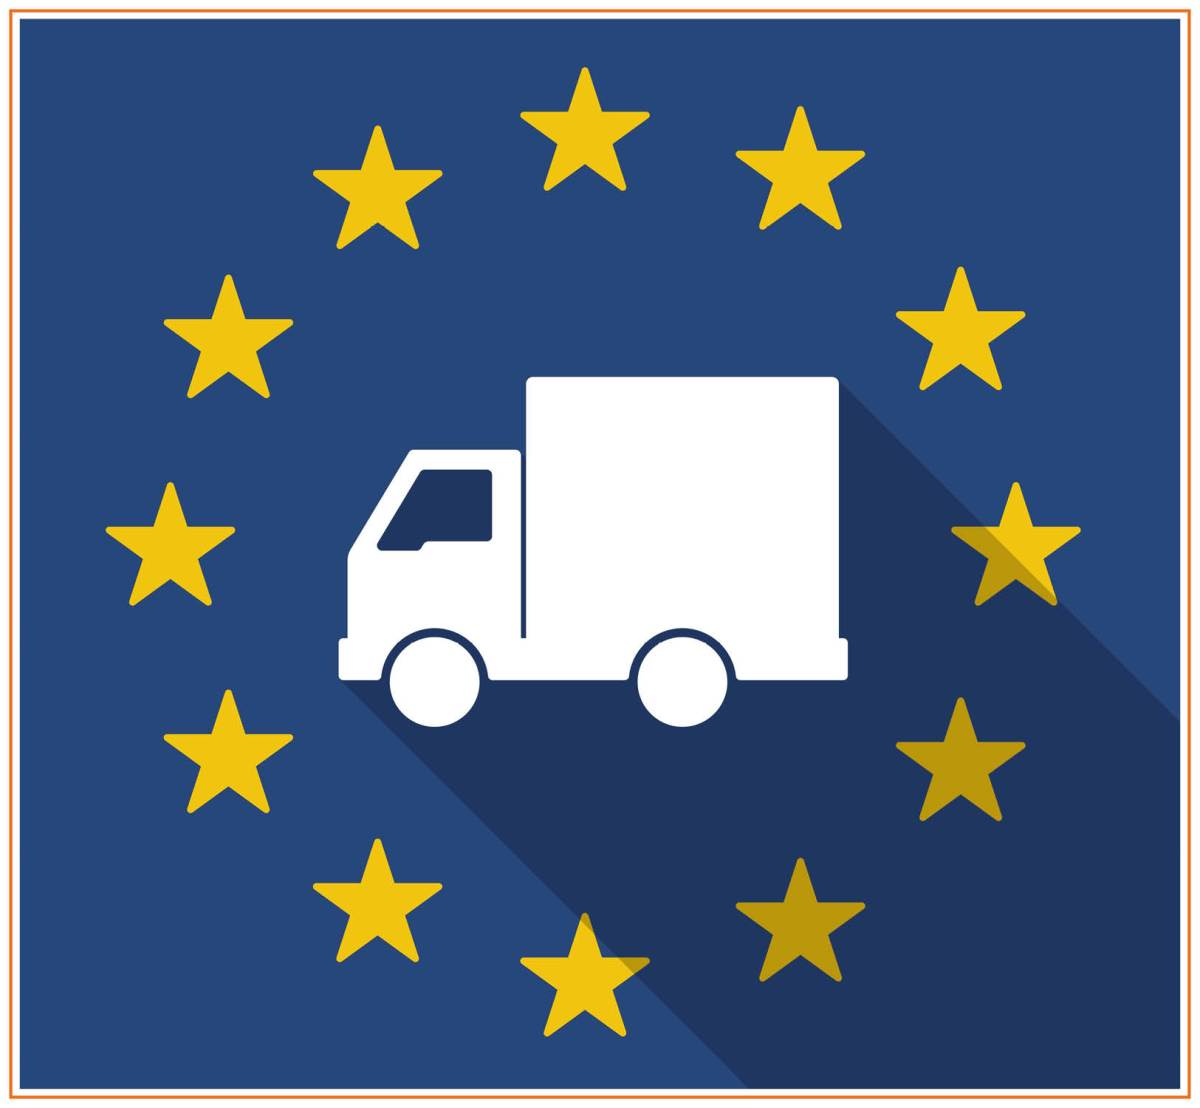 https://i2.wp.com/haultech.co.uk/wp-content/uploads/2020/11/HaulTech-Brexit-Driver-Requirements-Update-2021.jpg?fit=1200%2C1108&ssl=1